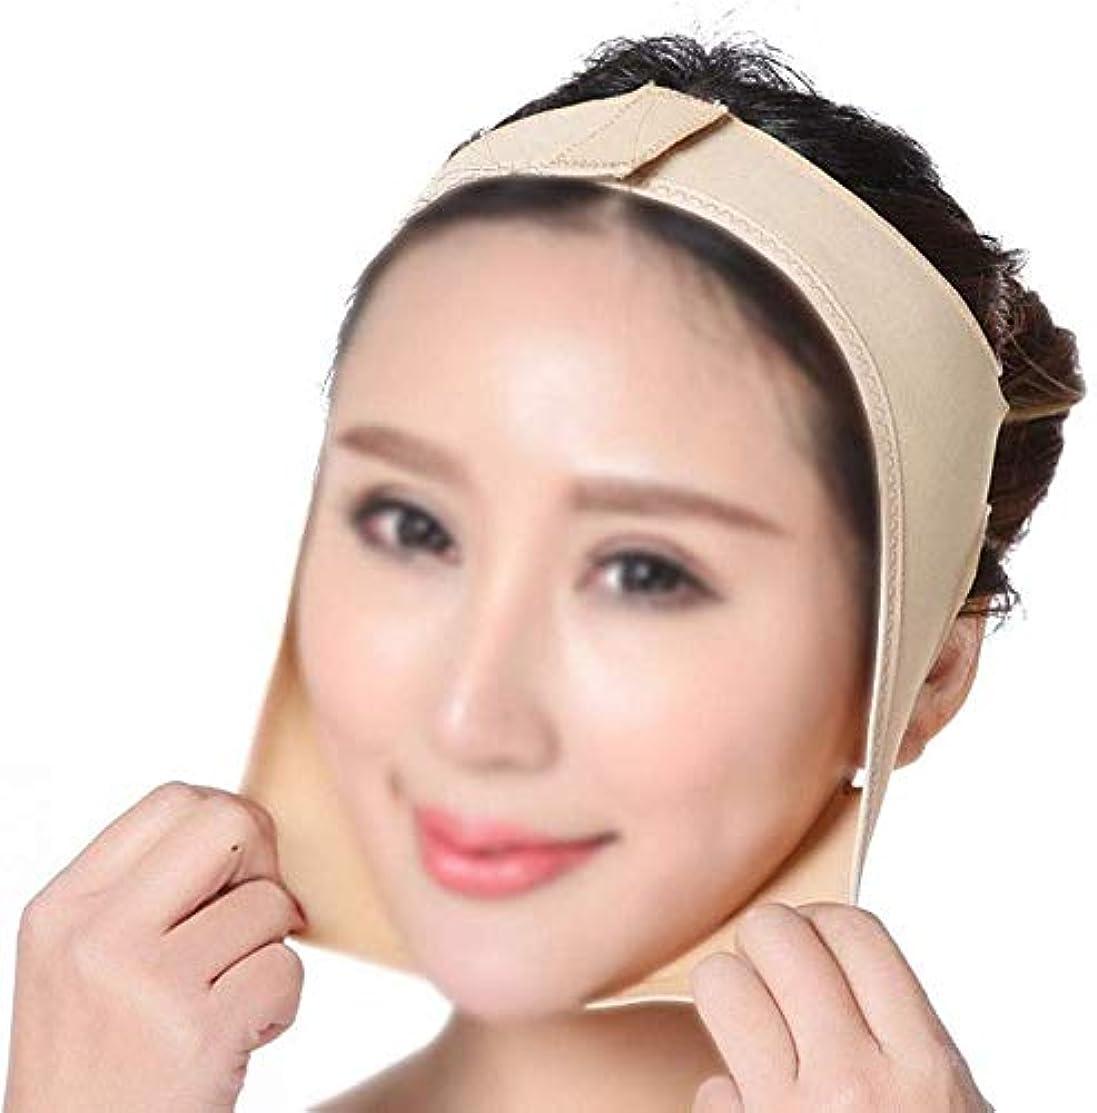 対応請求書満了美容と実用的なファーミングフェイスマスク、通気性フェイスバンデージVフェイスデバイススリープシンフェイスマスクフェイスマッサージインストゥルメントフェイスリフティングフェイスリフティングツール(サイズ:Xl)